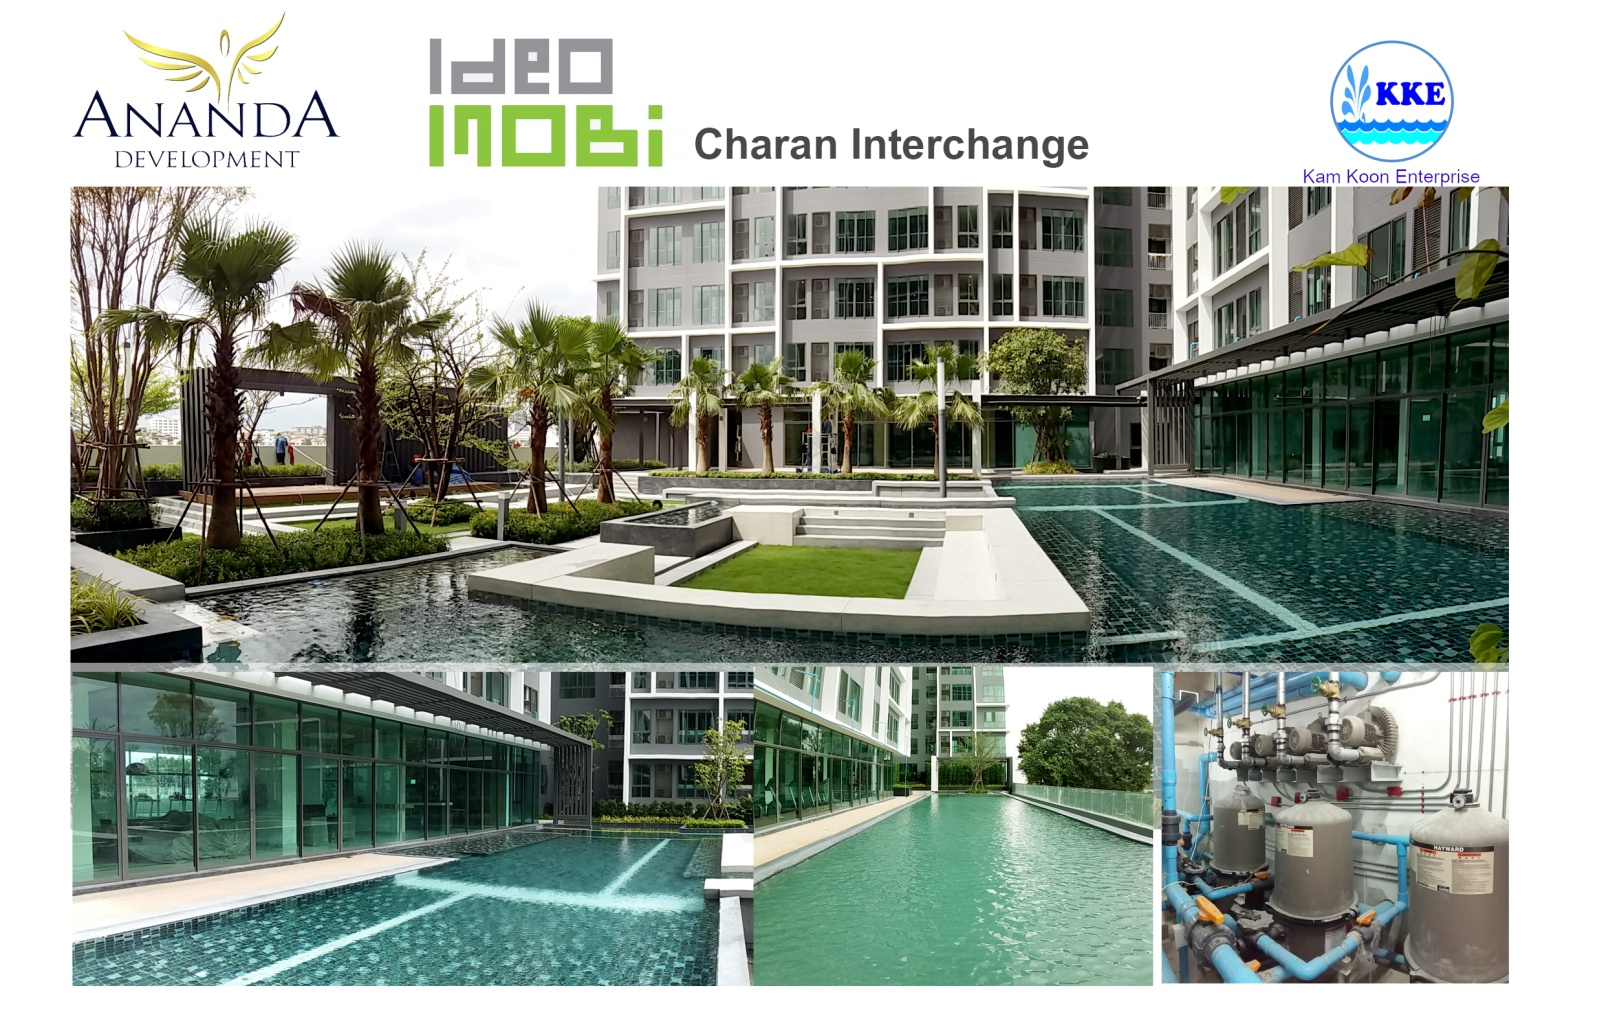 ติดตั้งงานระบบและอุปกรณ์สระว่ายน้ำ โครงการ ไอดีโอ โมบิ จรัญอินเตอร์เชนจ์ (Neo 727- Ananda)